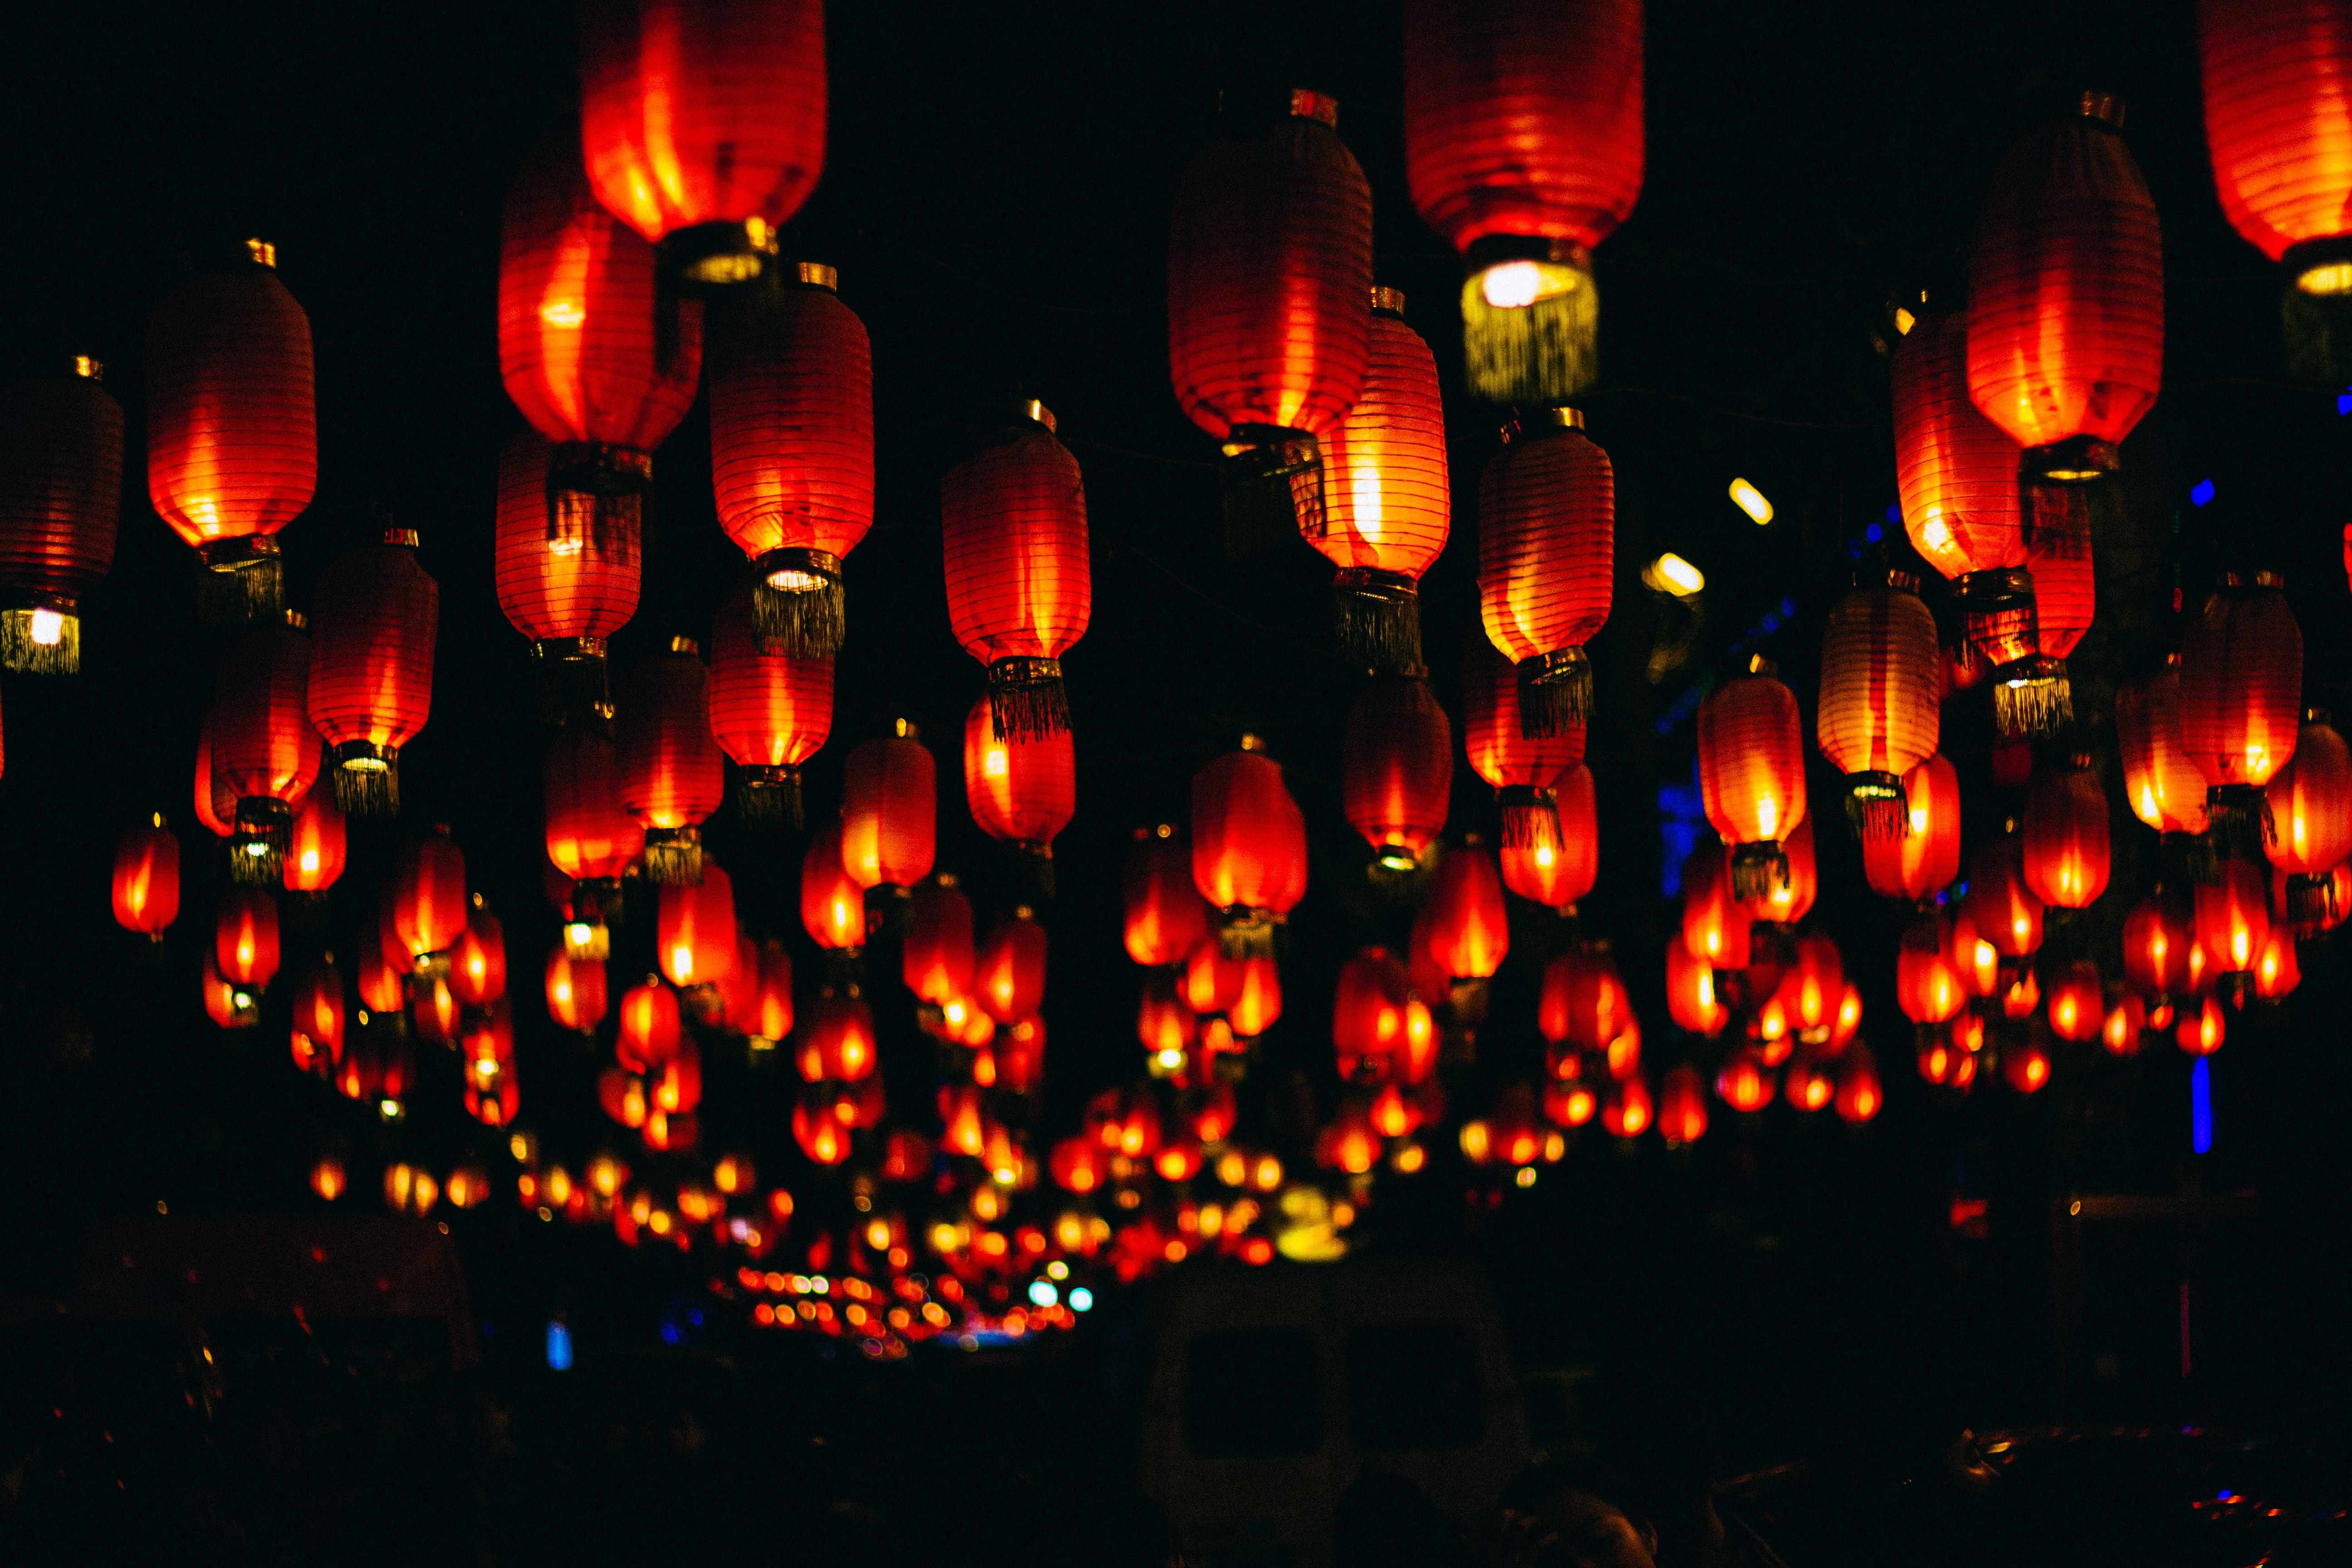 Celebra el Año Nuevo chino con Aliexpress